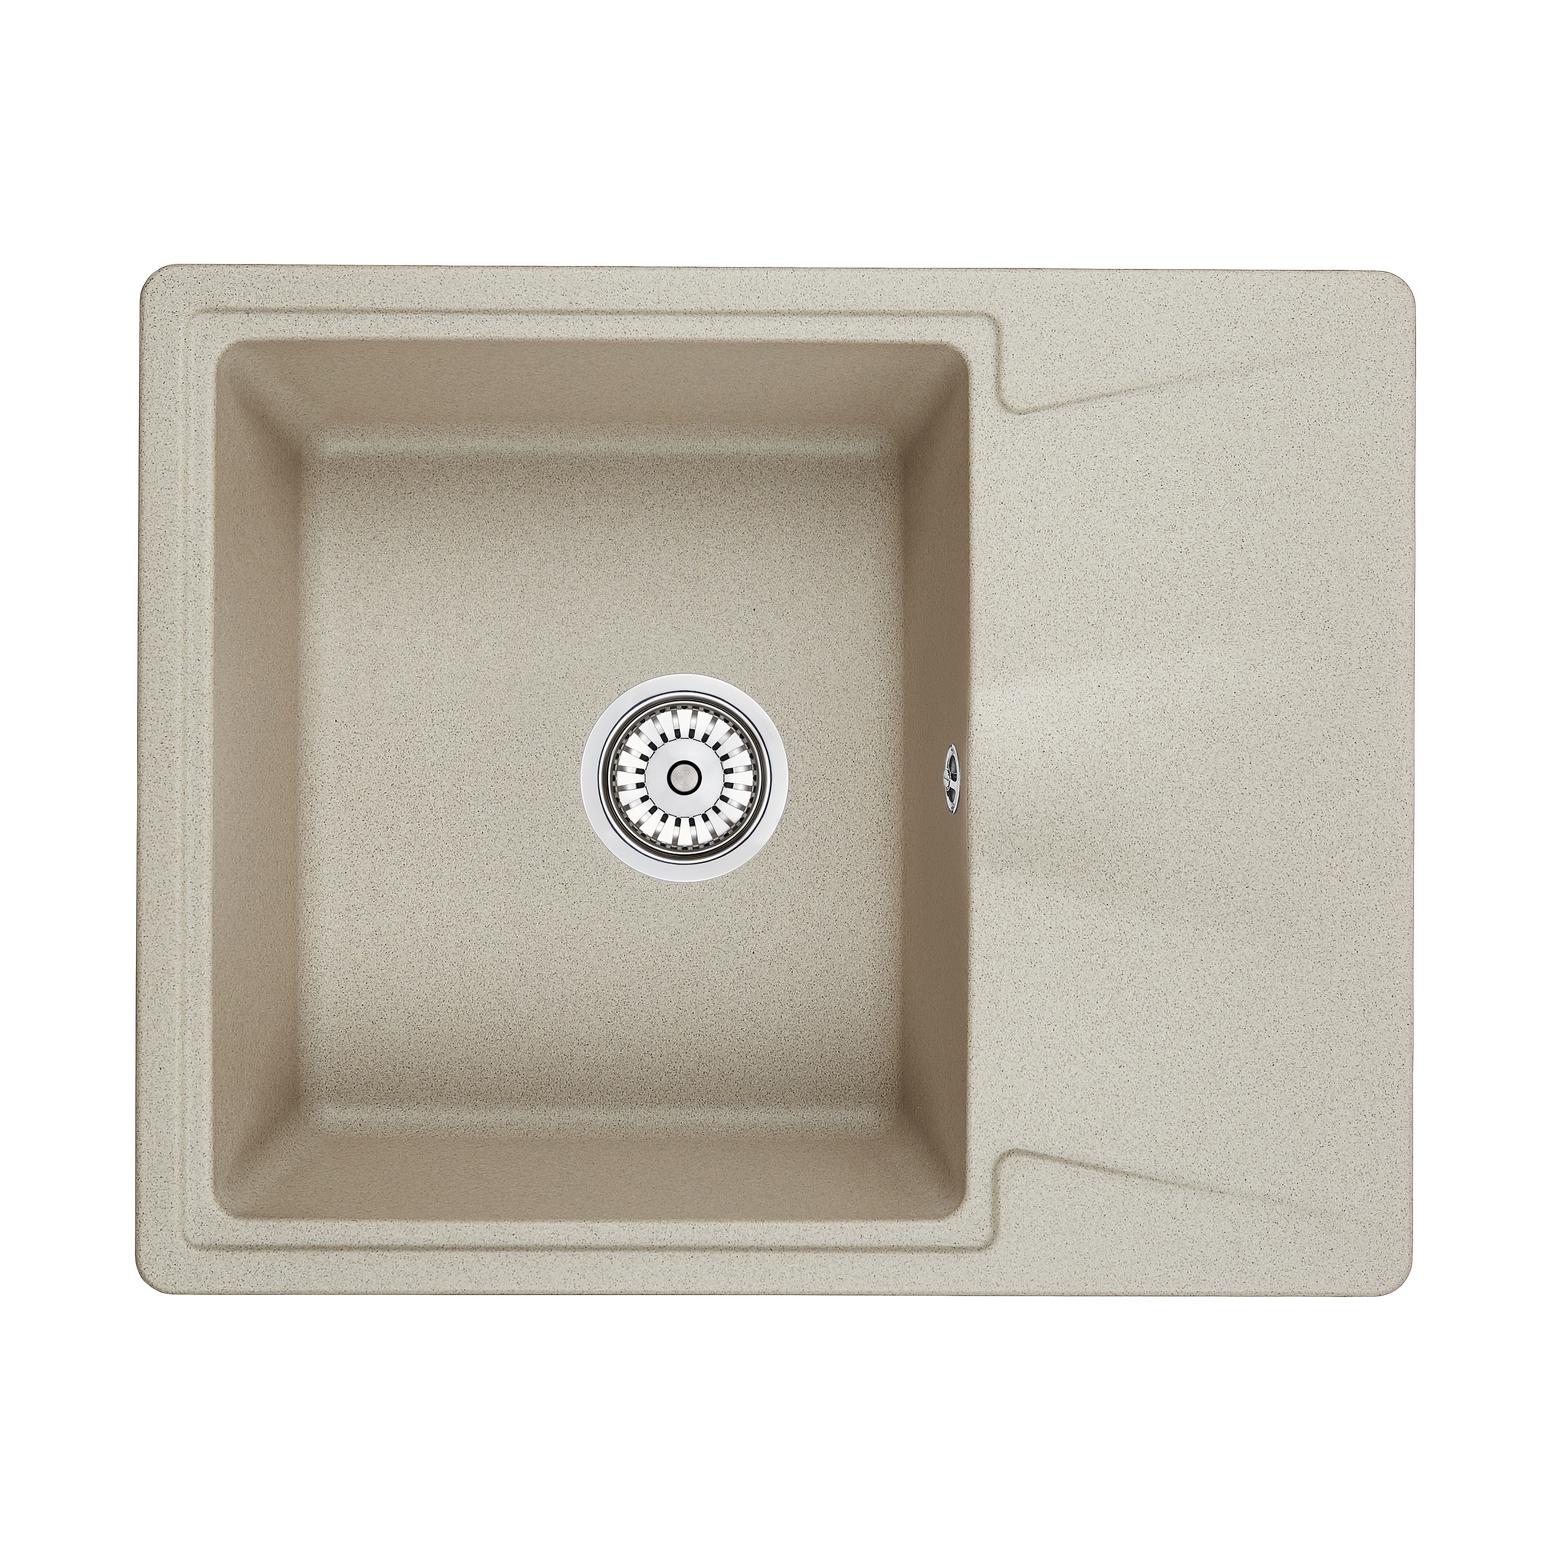 Кухонная мойка Granula GR-6201 620х500 антик кухонная мойка granula gr 6201 620х500 песок